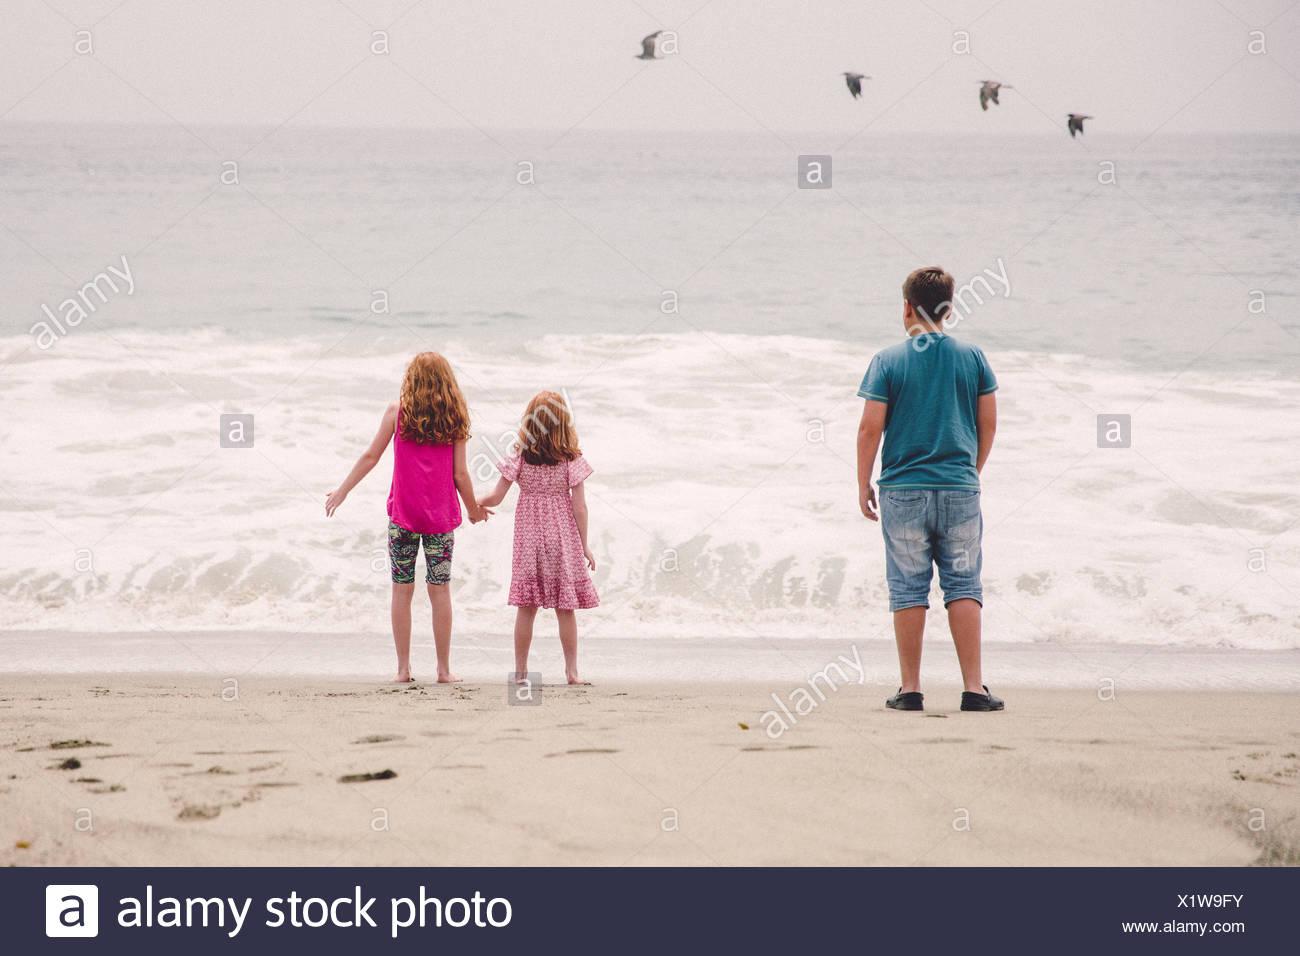 USA, Californie, Los Angeles, les enfants (6-7, 8-9, 12-13) regardant des vagues se brisant sur la plage Photo Stock